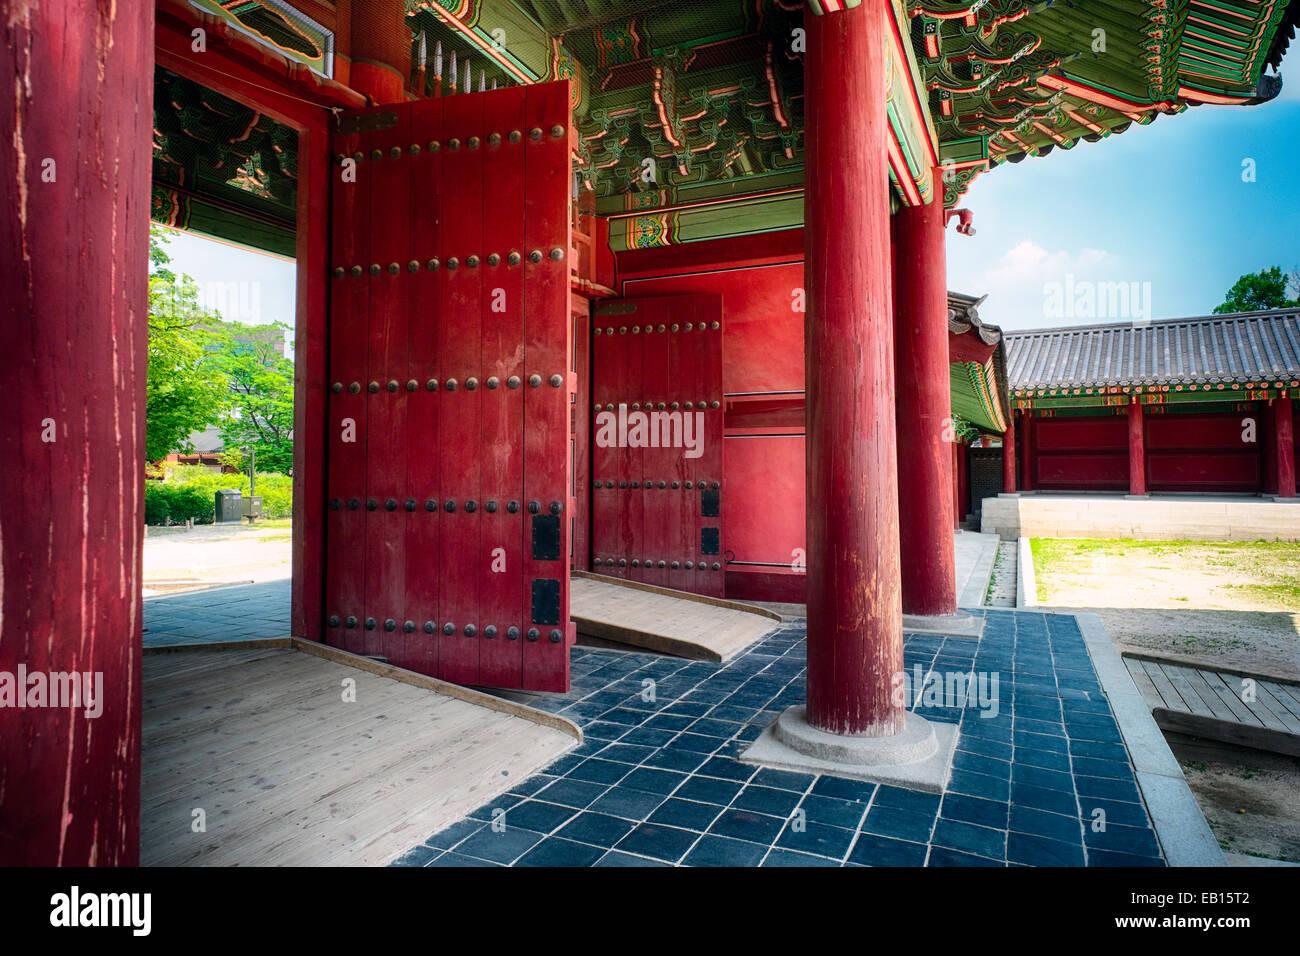 Porte interne del Palazzo Changdeok, Seoul, Corea del Sud Immagini Stock